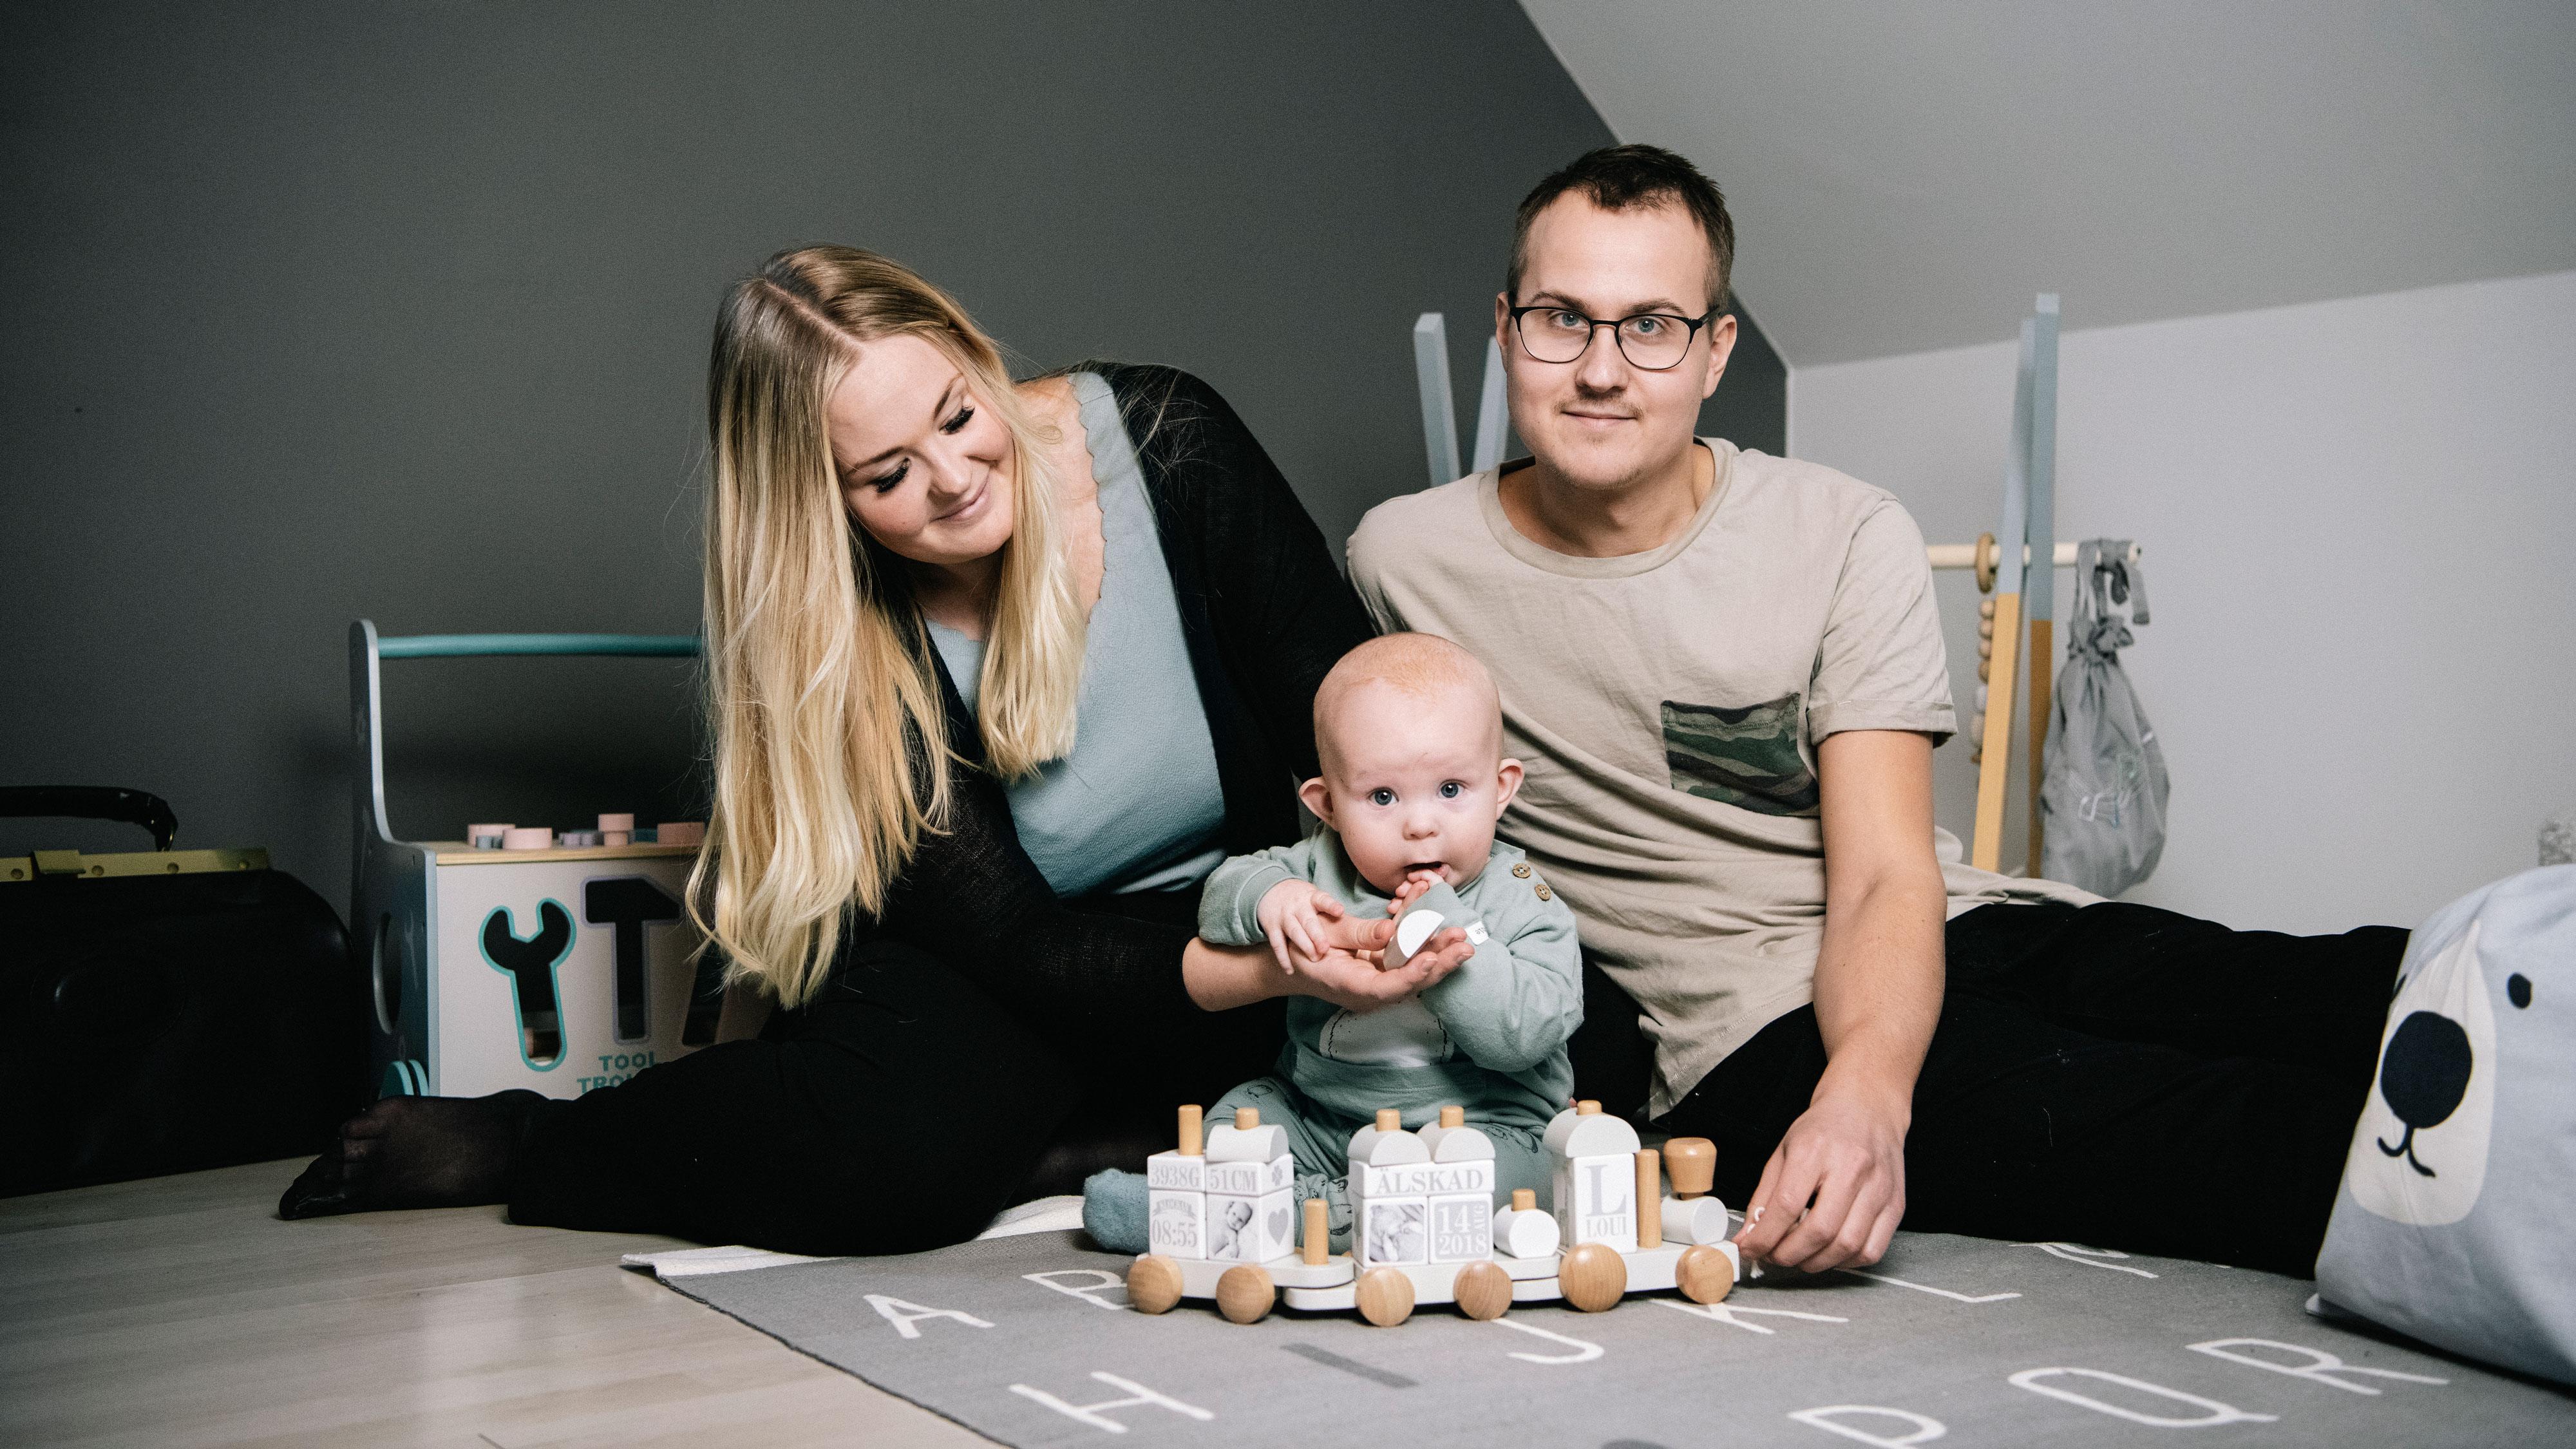 Marcus och Therése med deras son Loui på golvet med massa leksaker